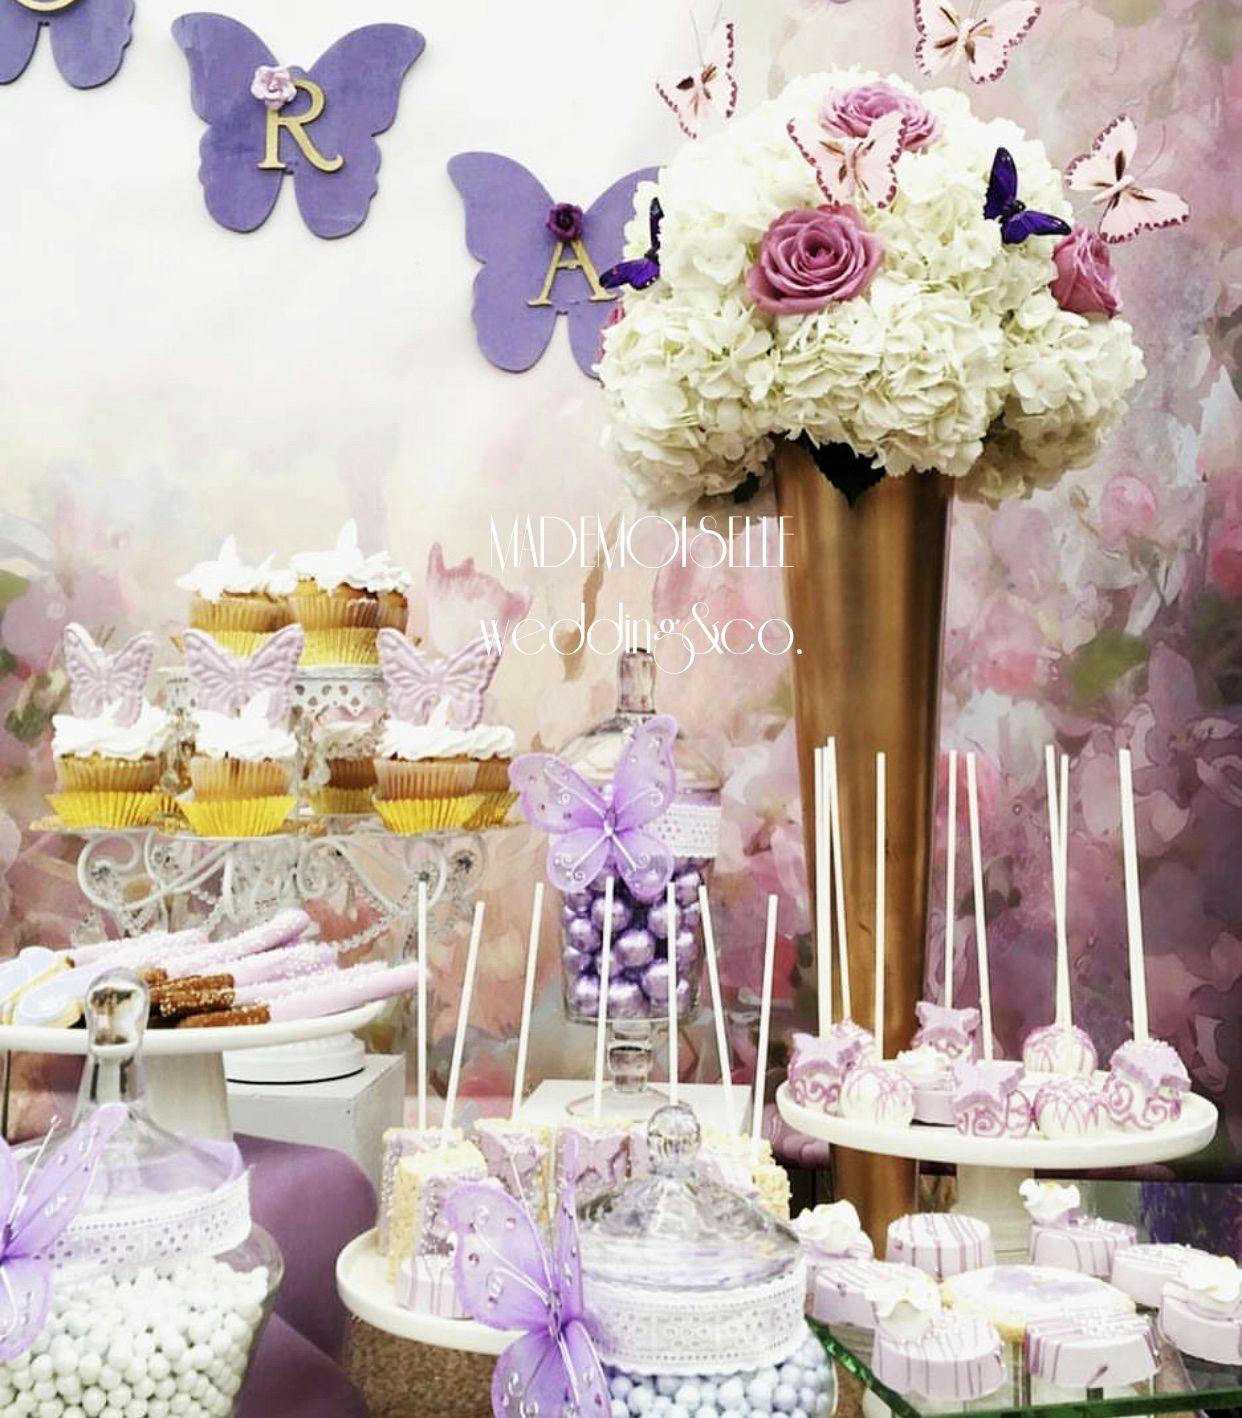 IMG_E4542-slatki sto-dekoracija rodjendana-dekoracija za svadbe-kolacici-crveno zlatna dekoracija slatkog stola-cvetni aranzmani za slatki sto